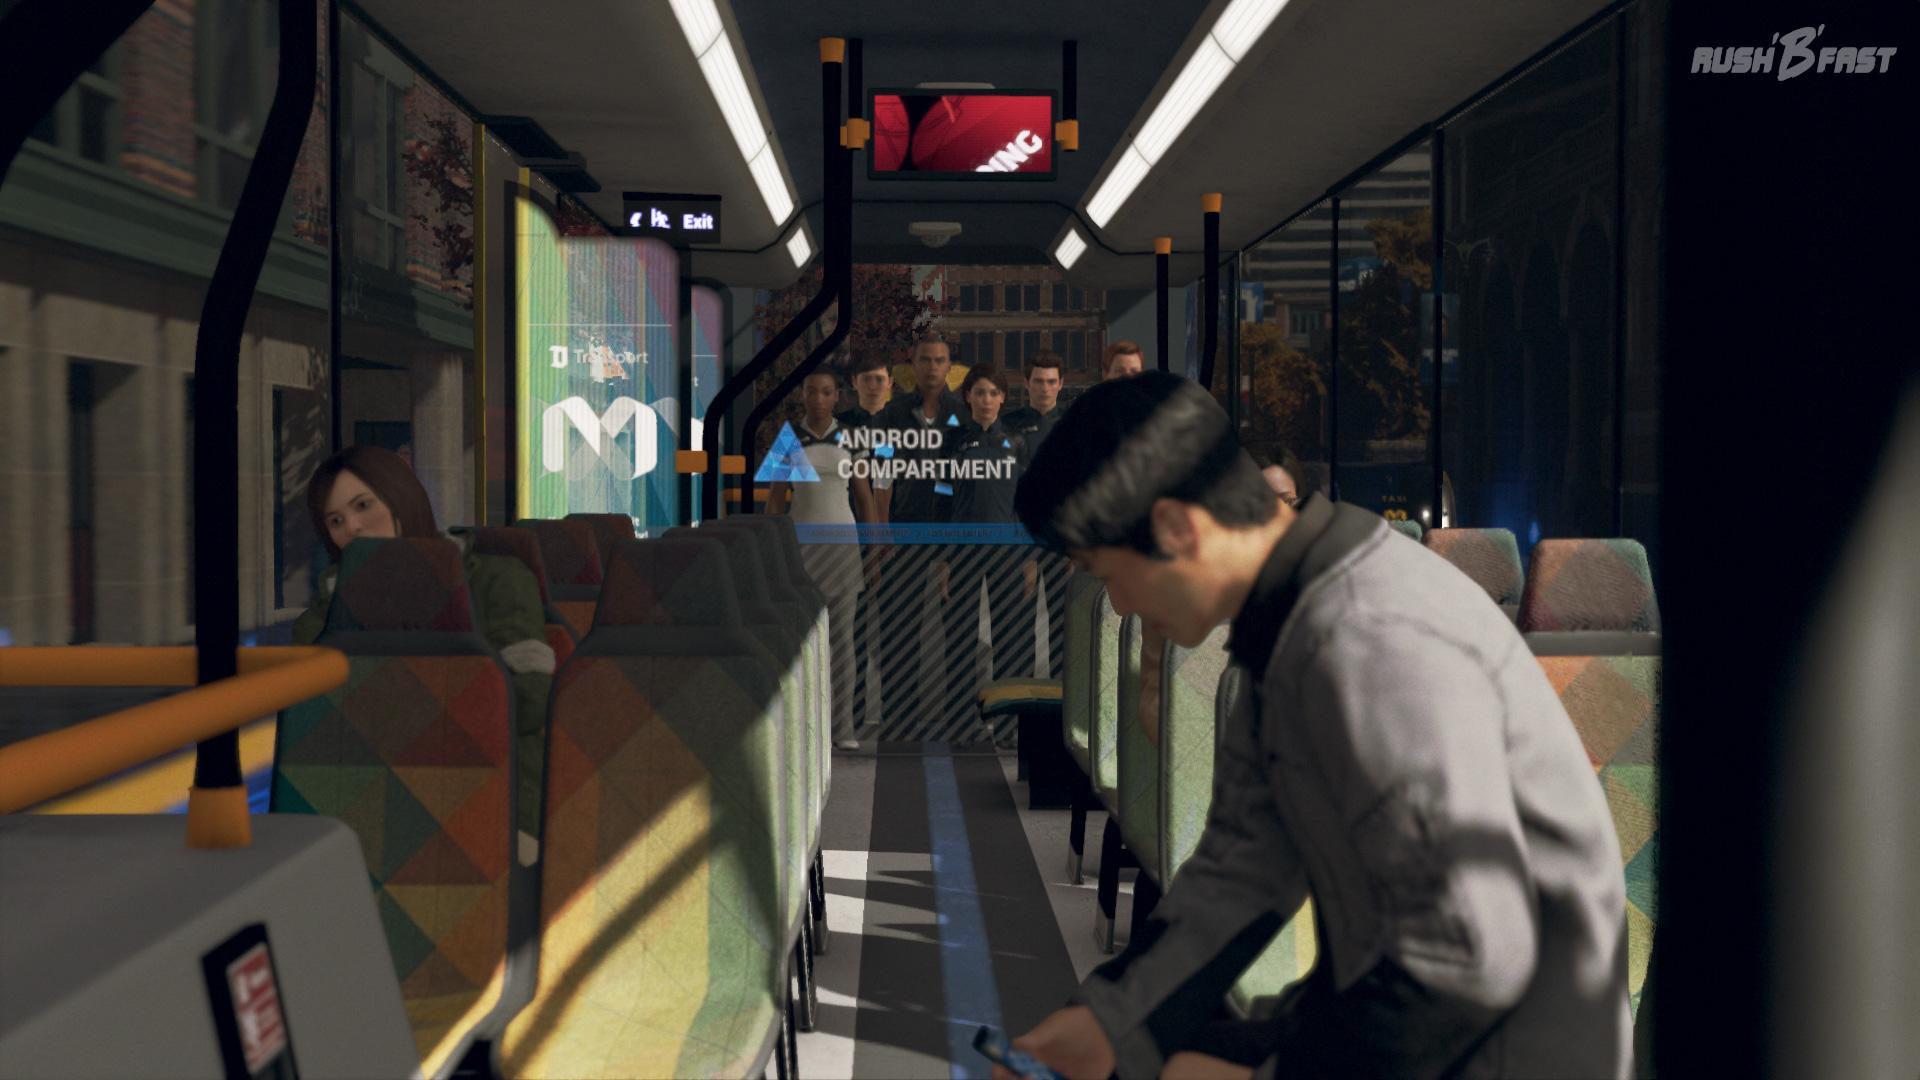 Detroit: Become Human - Androiden müssen im Bus klar von den Menschen getrennt werden.